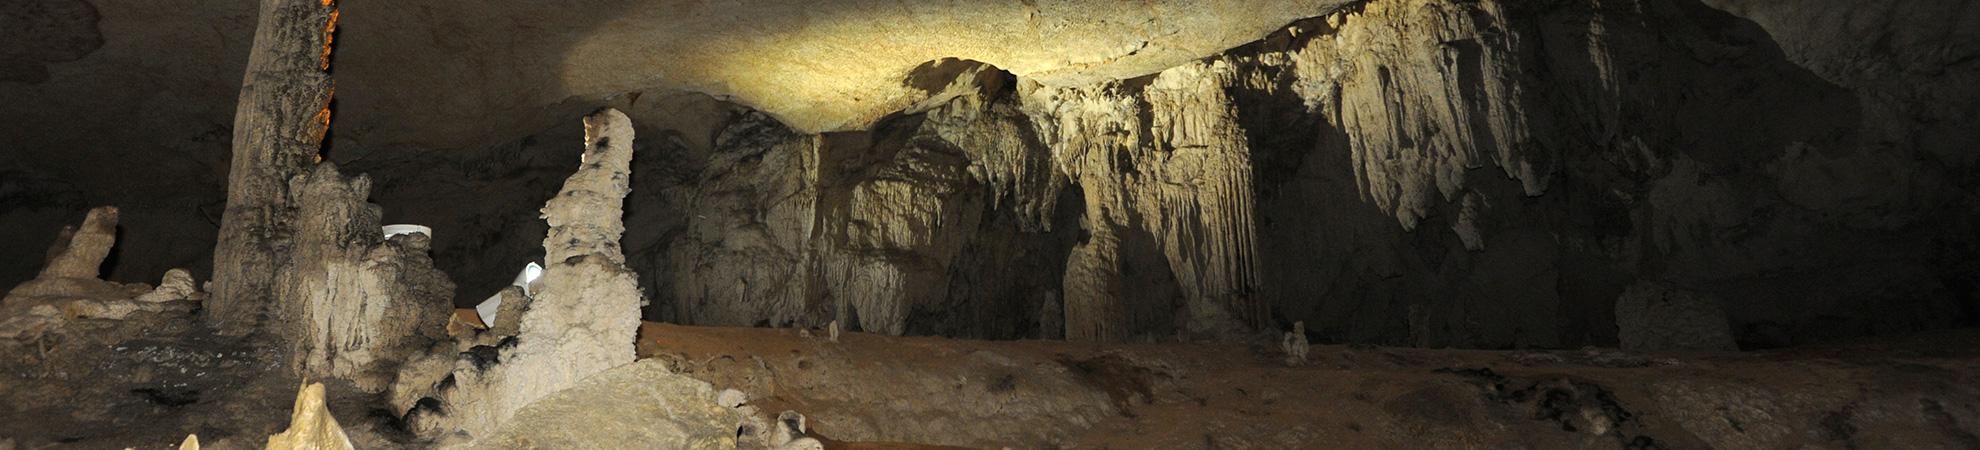 Exploration de la grotte de Kong Lor